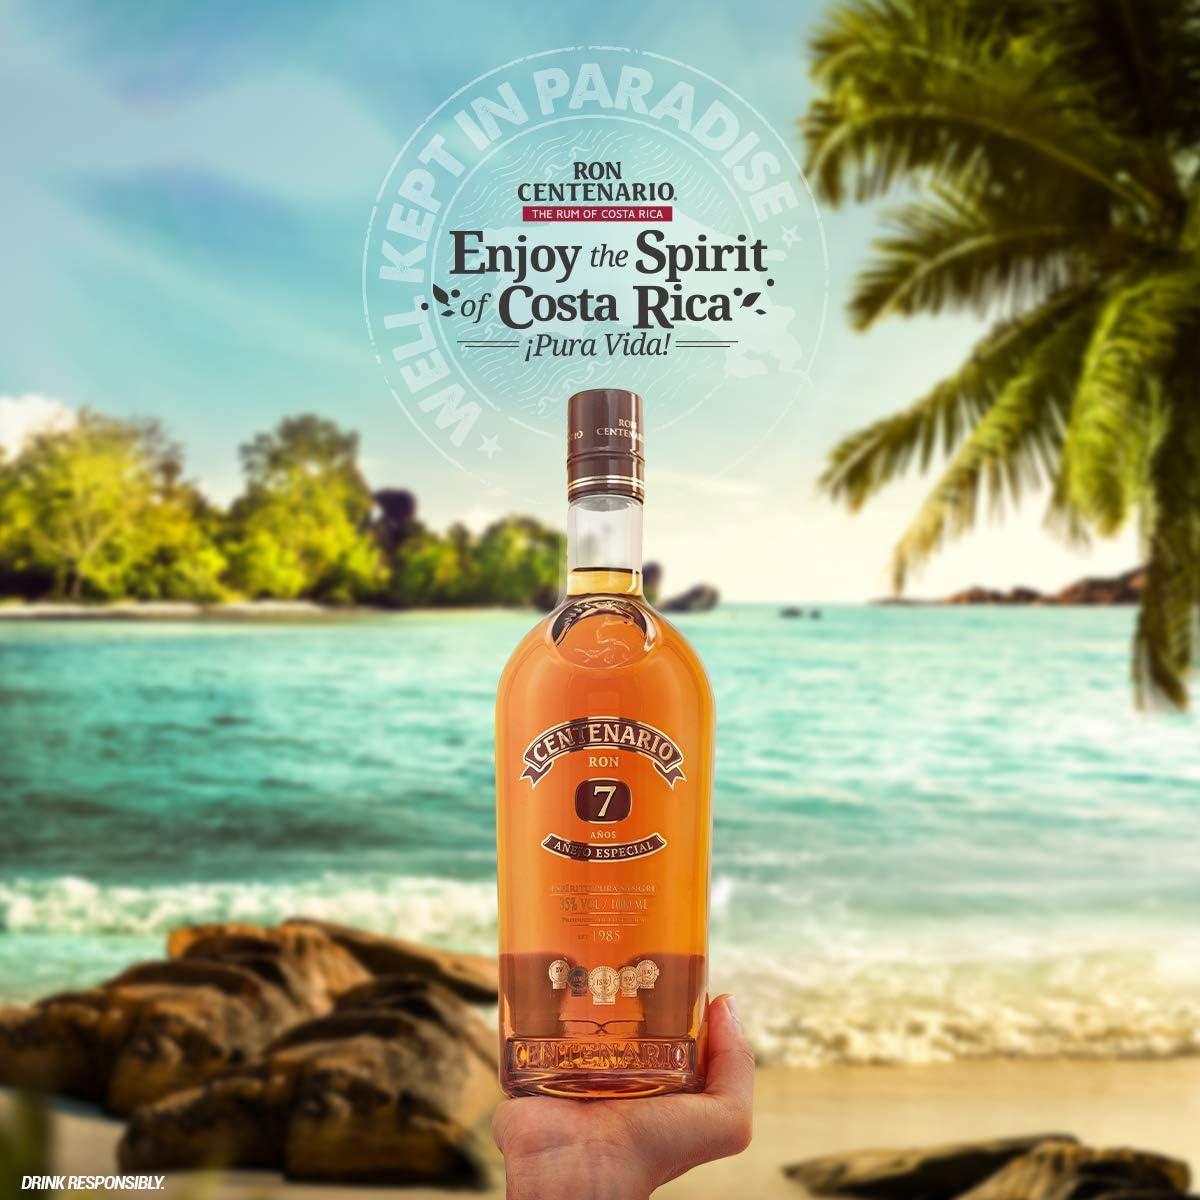 Ron Centenario AÑEJO ESPECIAL 7 Años Rum 40% - 700 ml